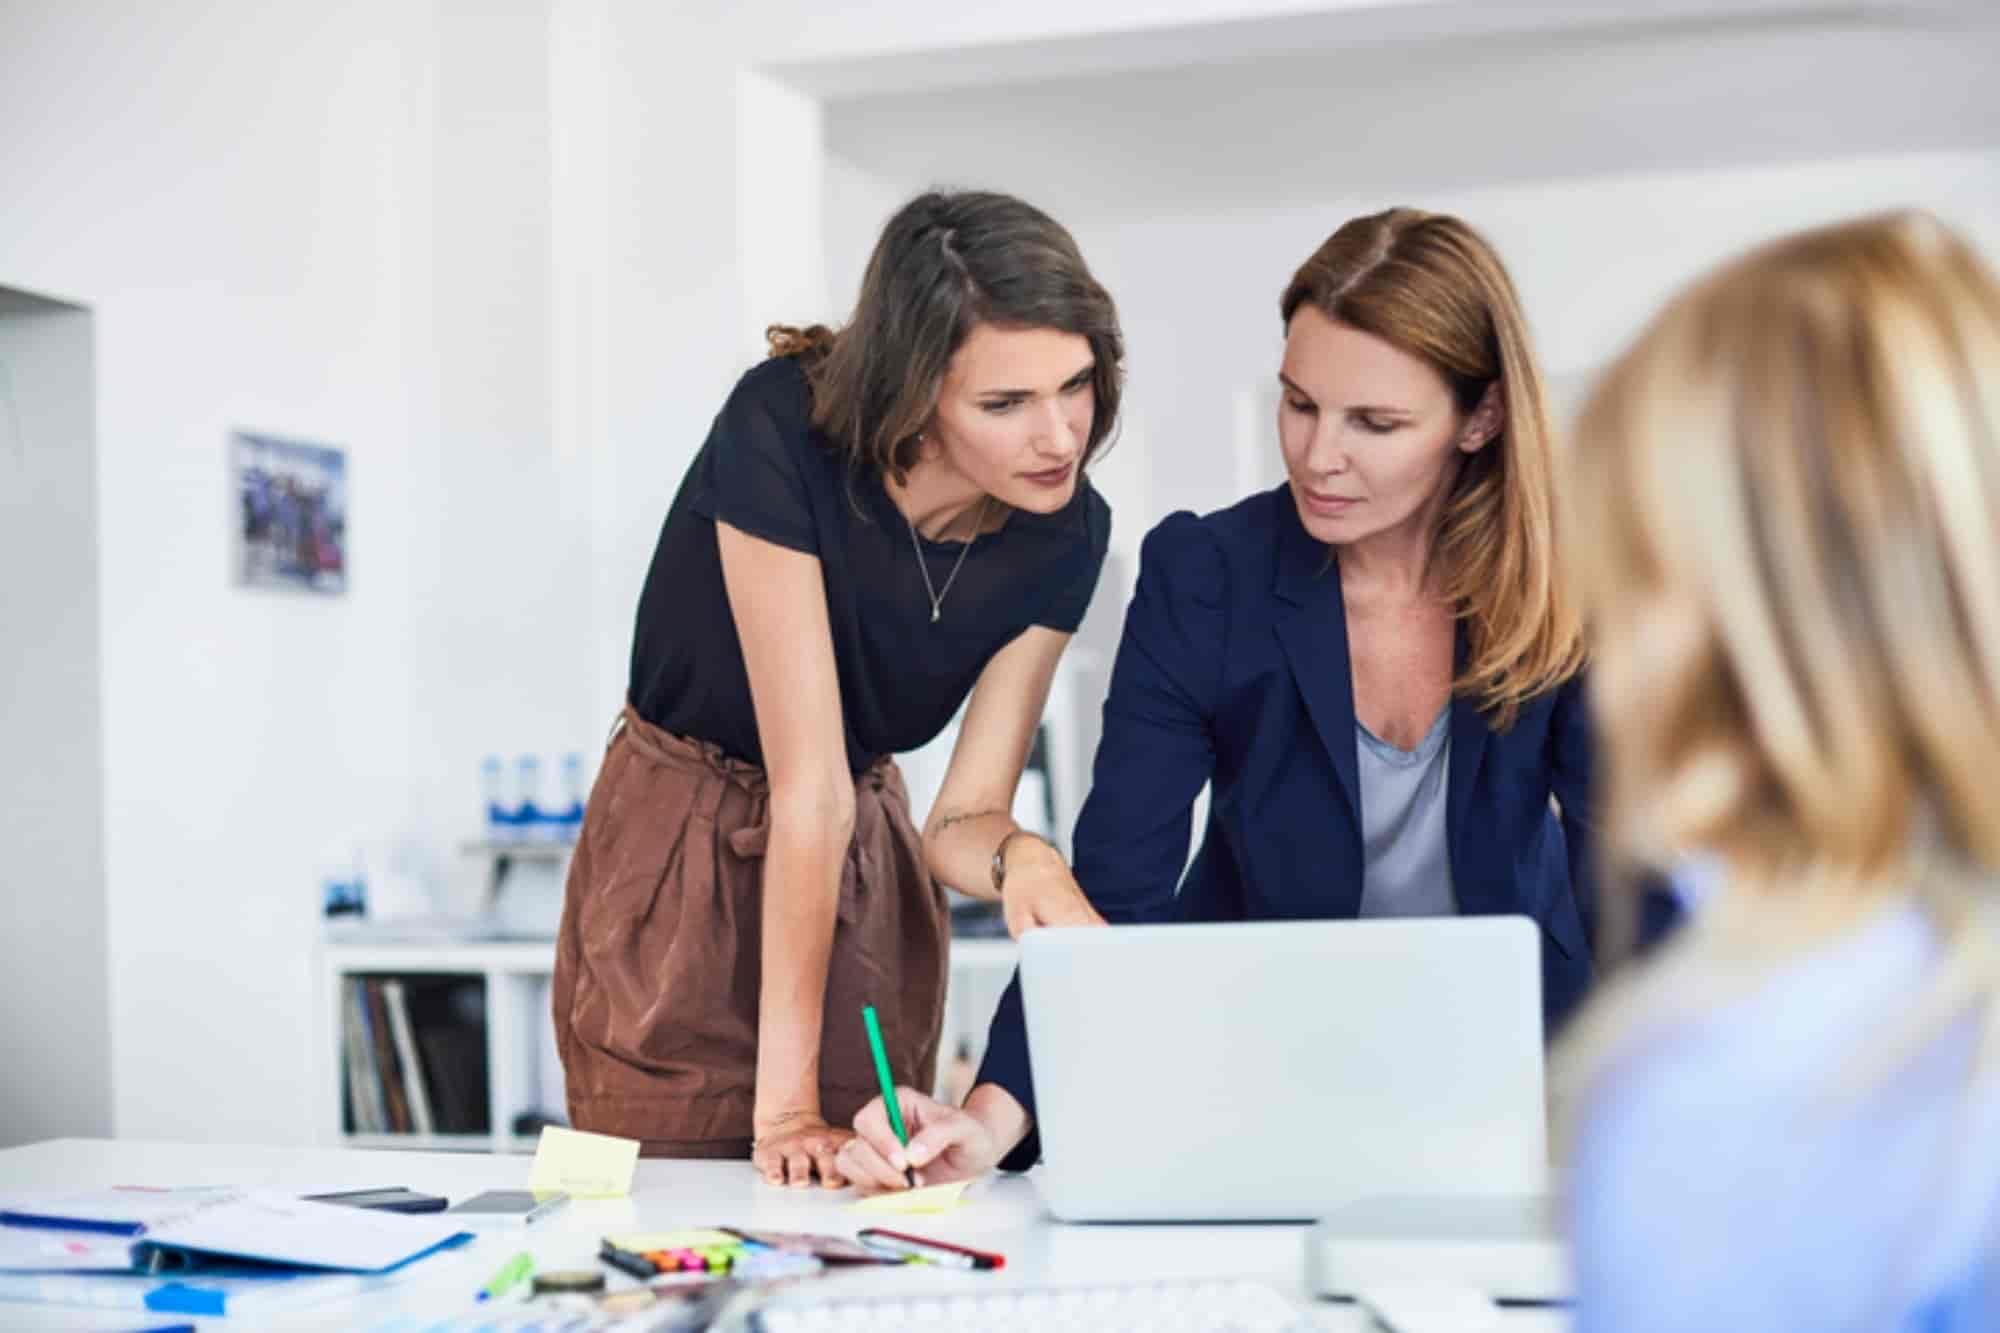 Mulher no mercado de trabalho: qual a importância dessa conquista?